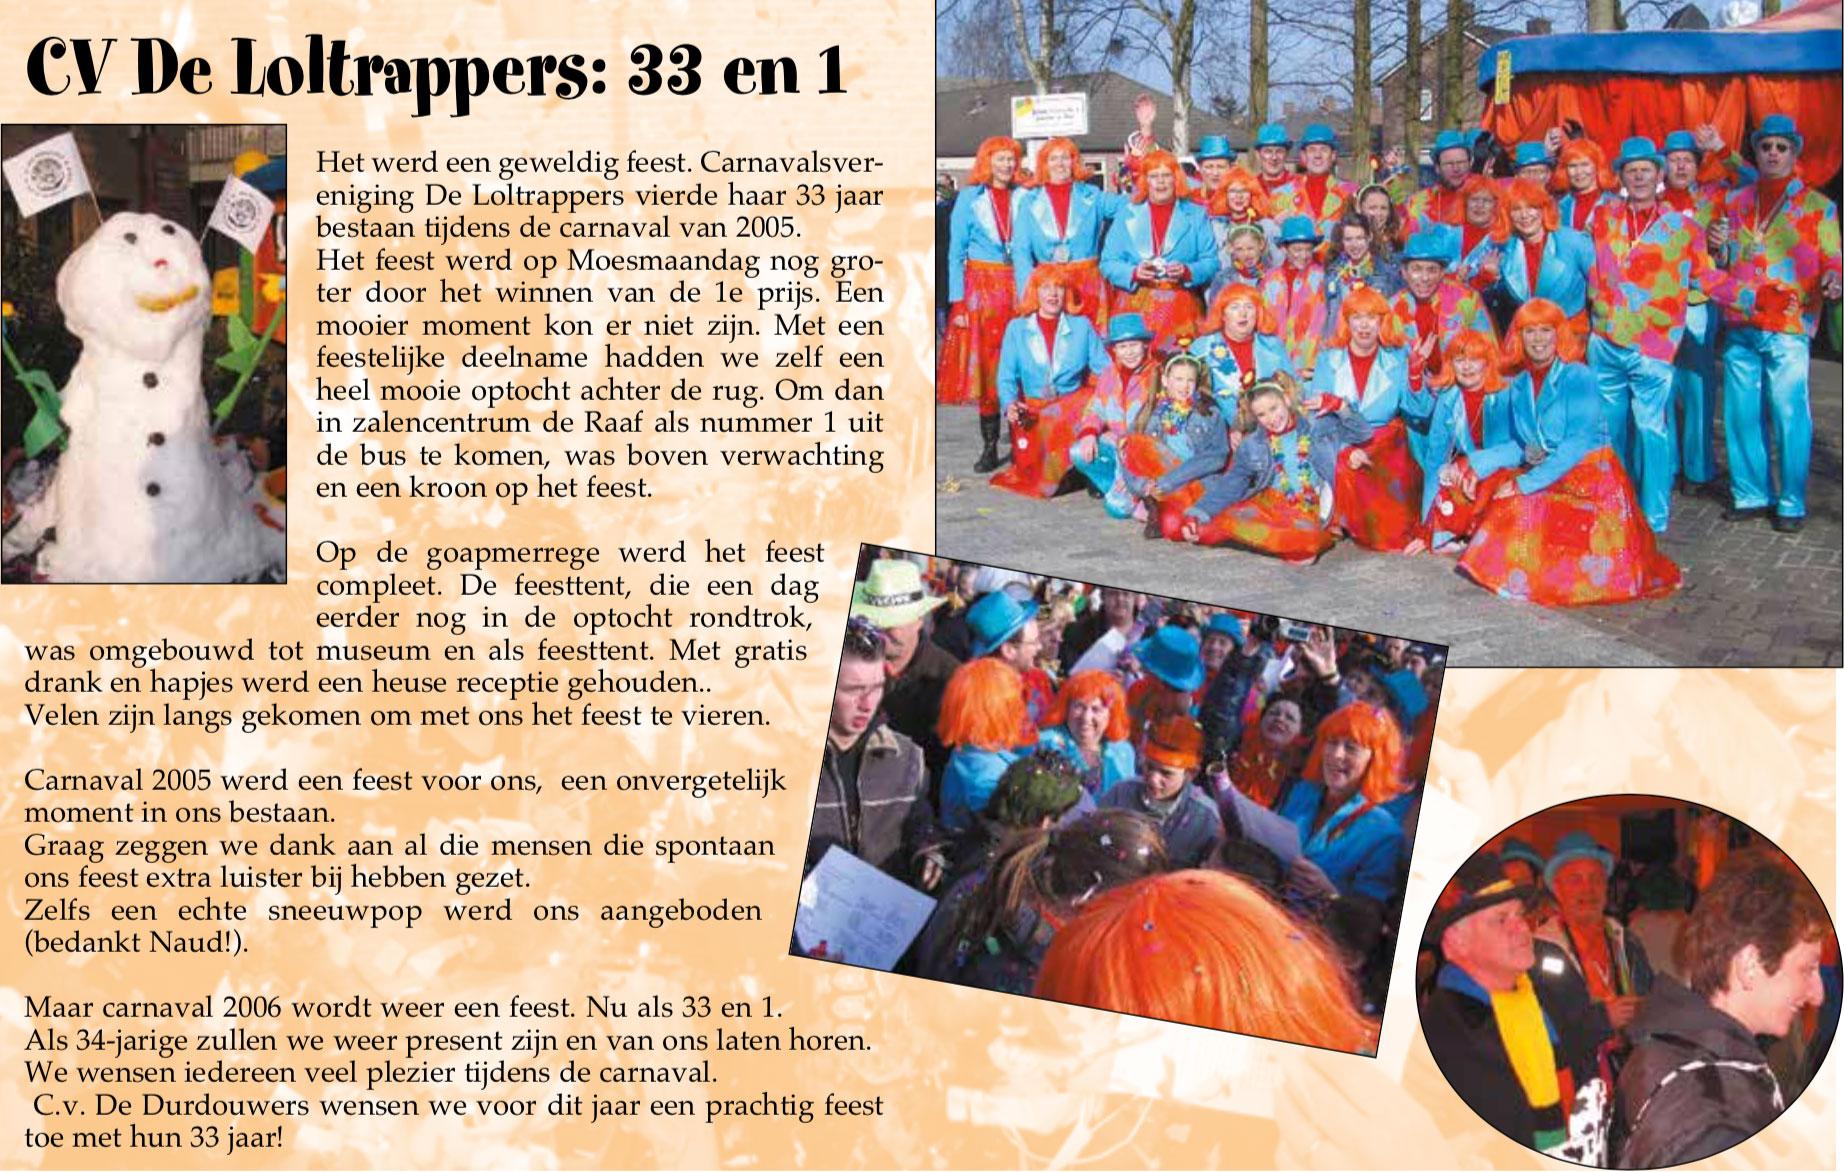 Stukje uit de carnavalskrant van de Loltrappers - 2006